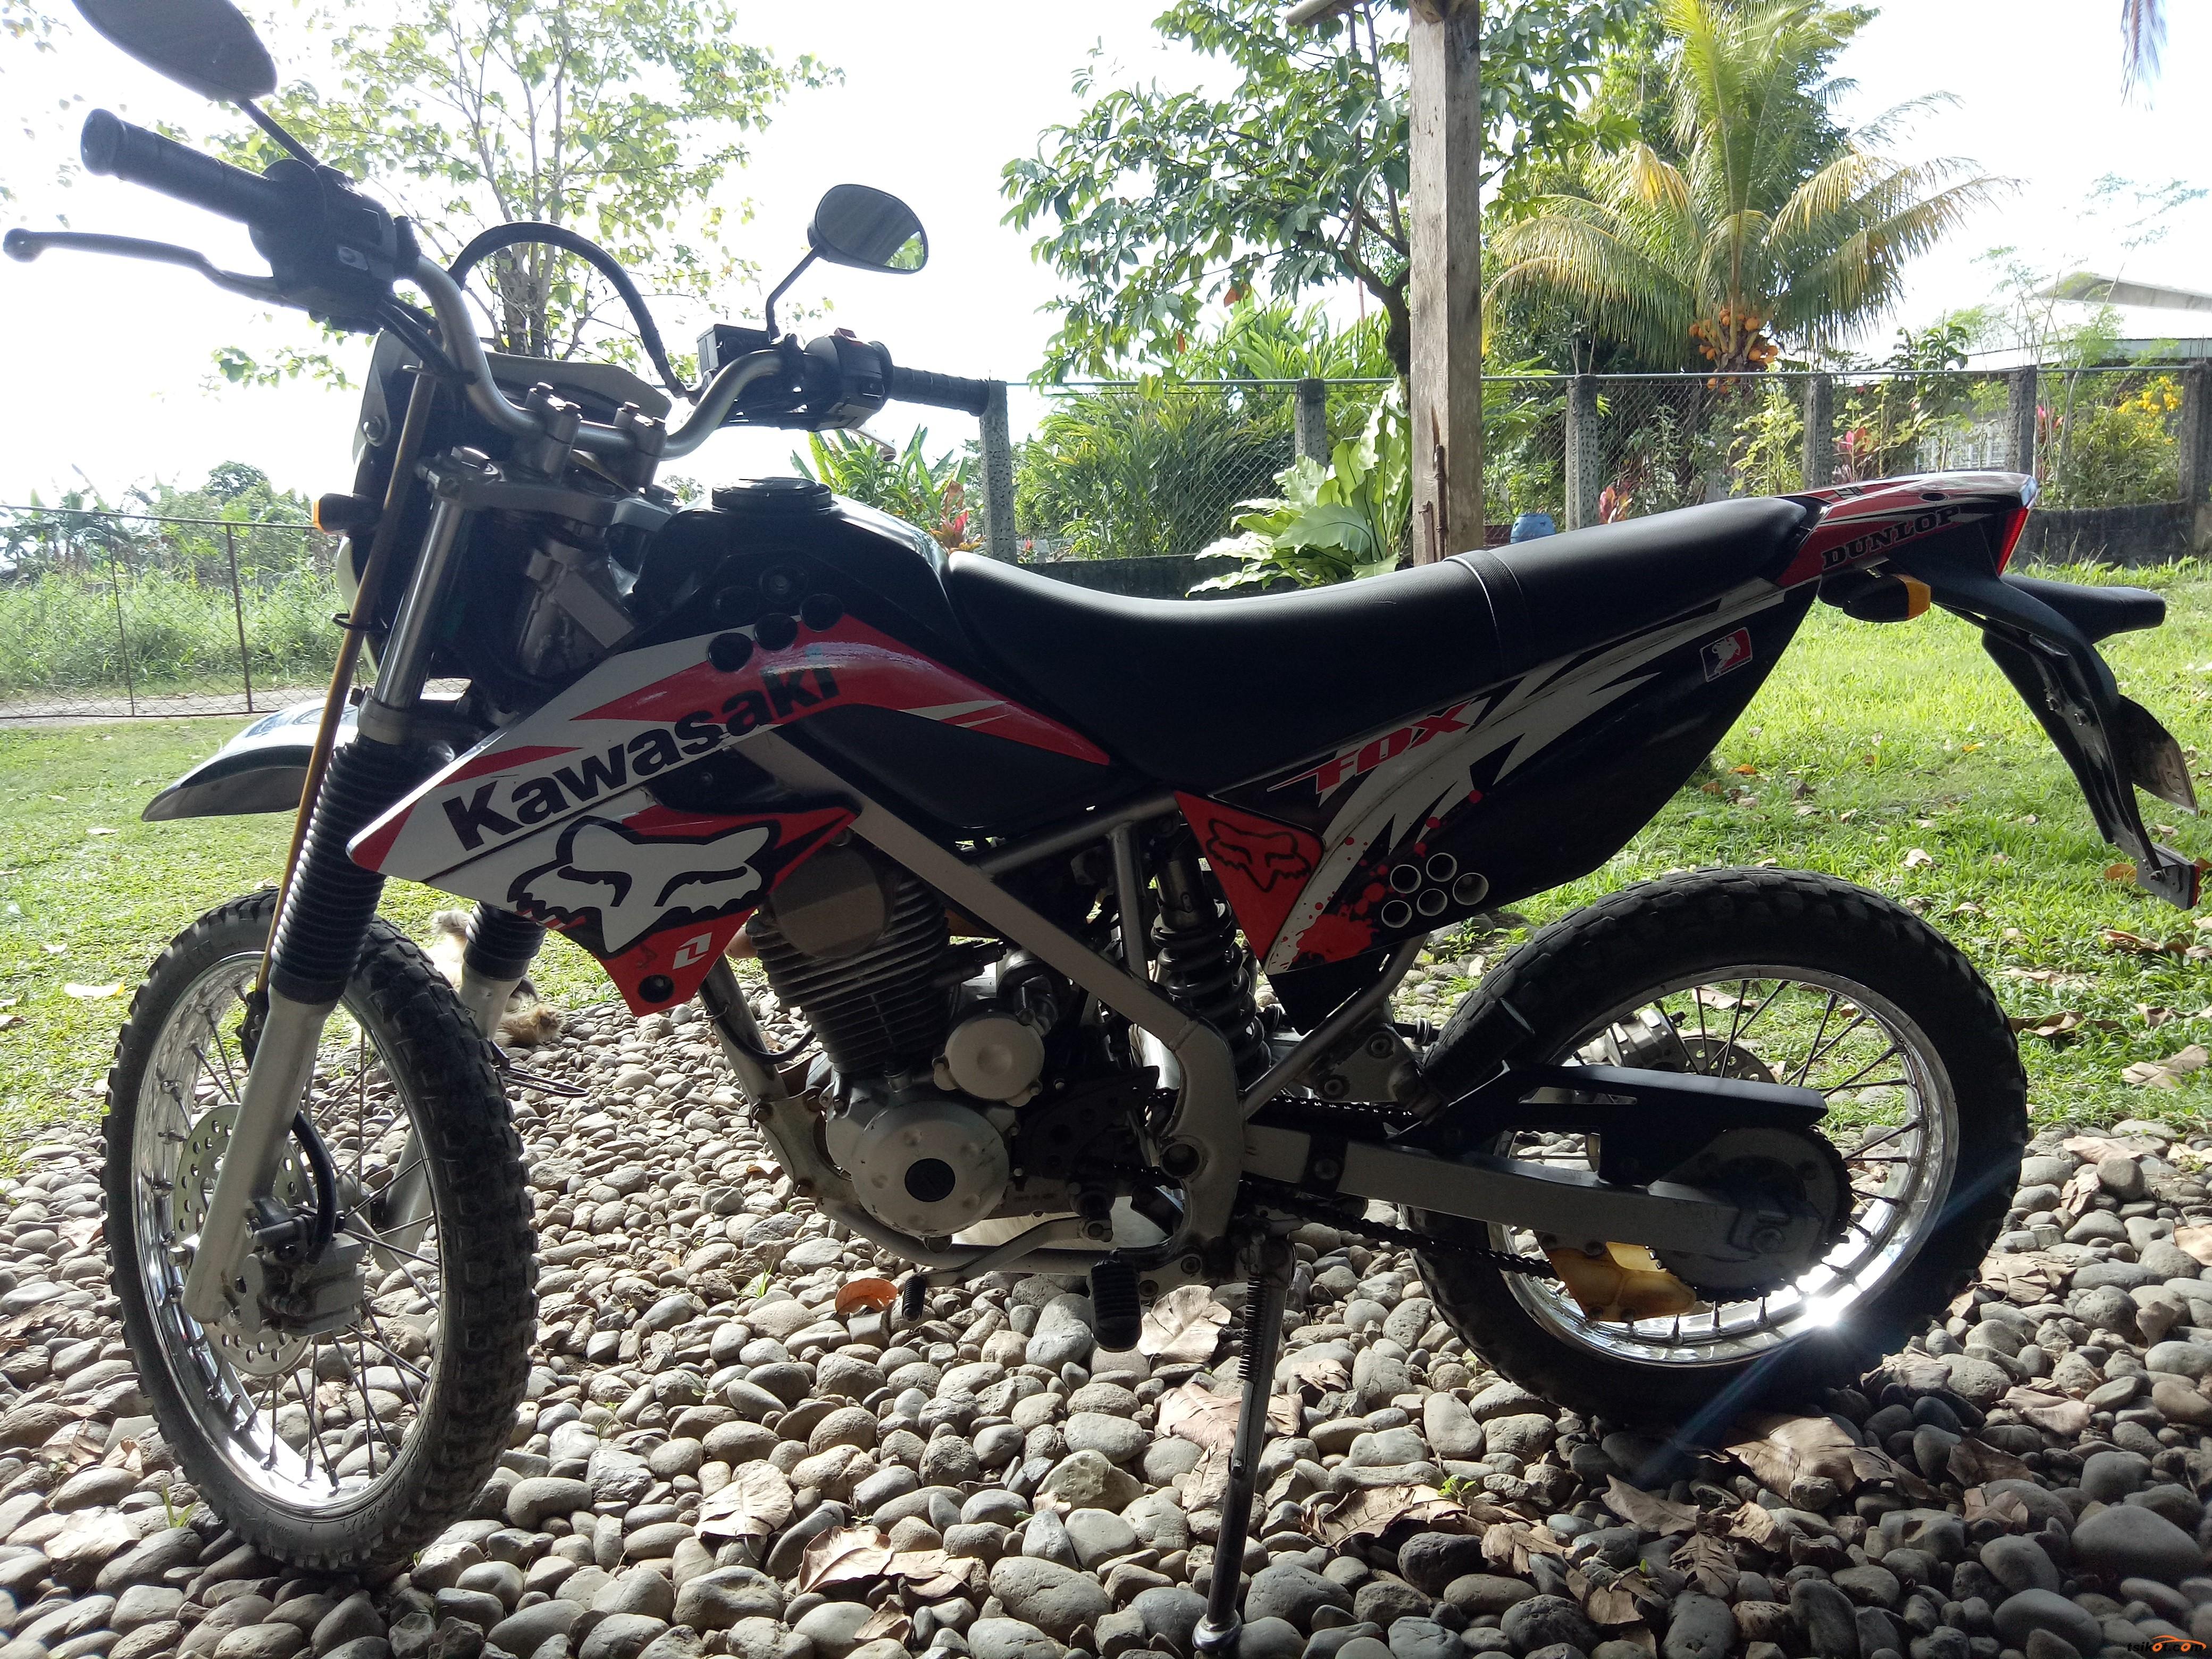 Kawasaki Klx 140 2013 - 5